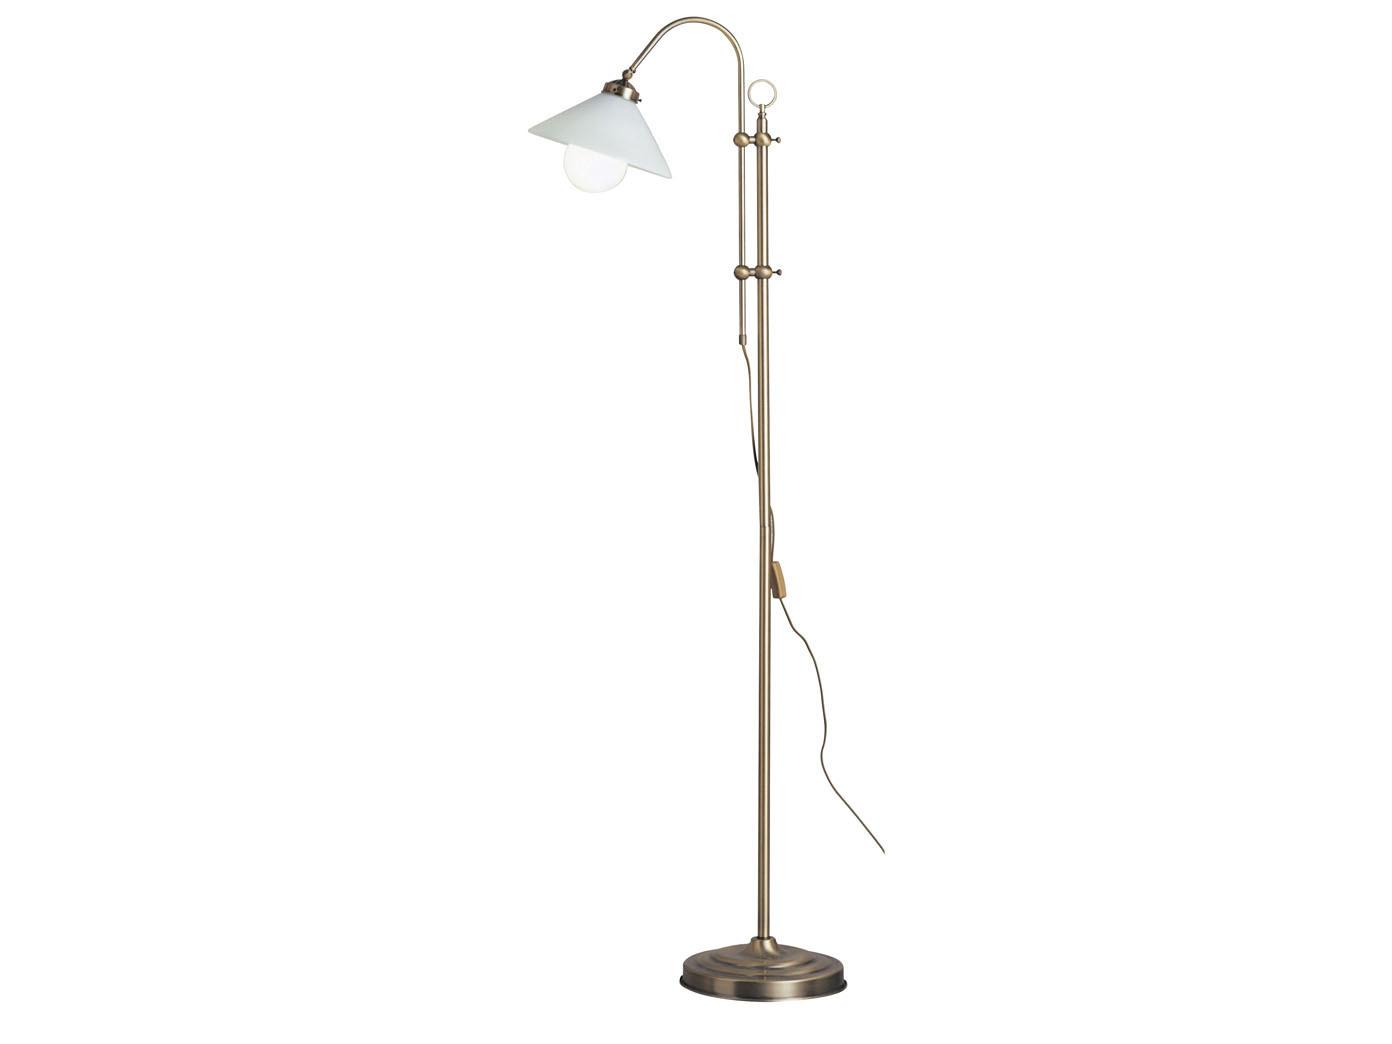 Hohenverstellbare Stehlampe Altmessing Lampenschirm Glas